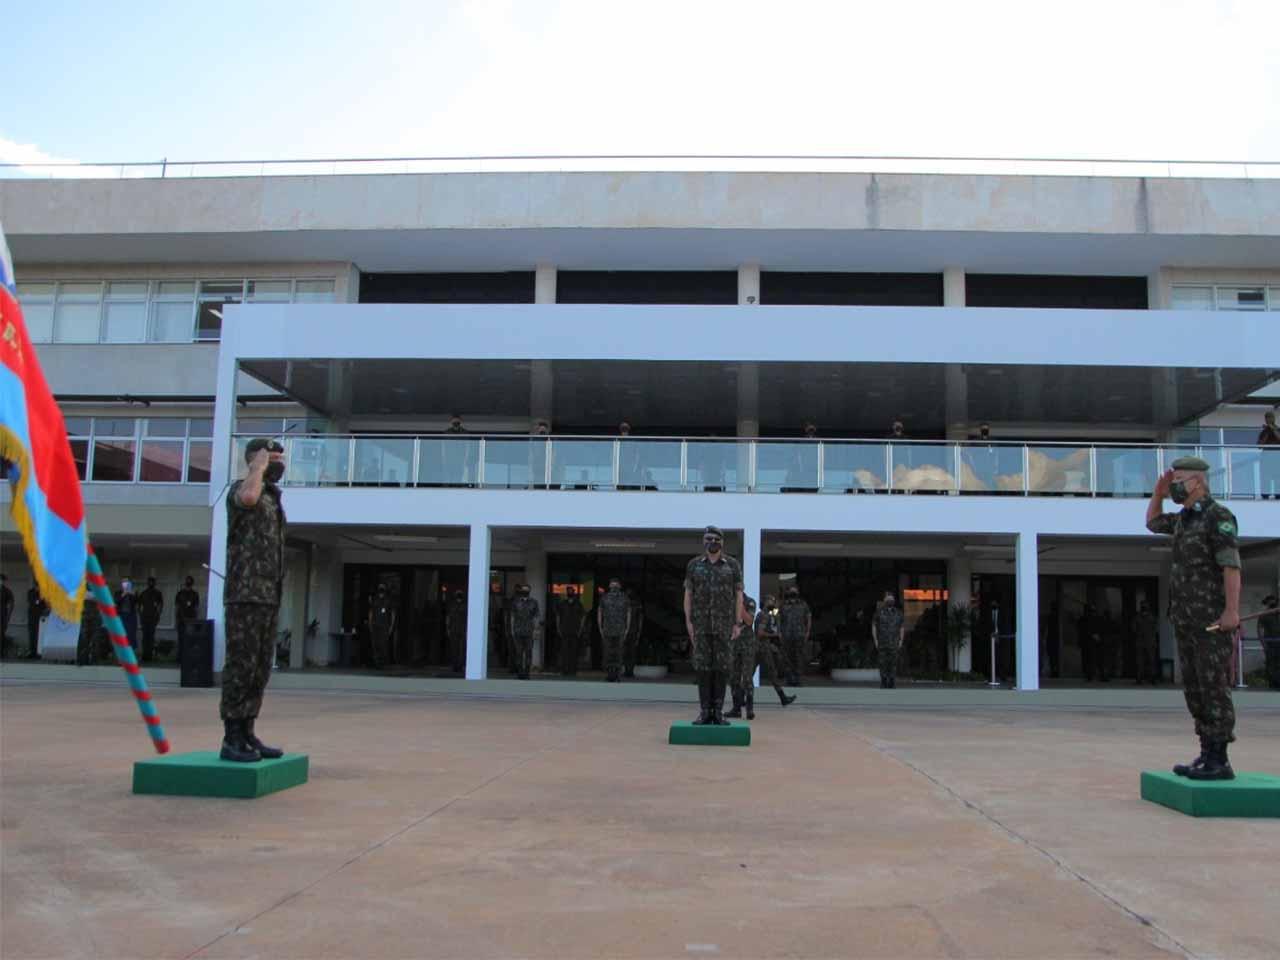 Solenidade de transmissão do cargo de Comandante Militar do Planalto é realizada na capital federal